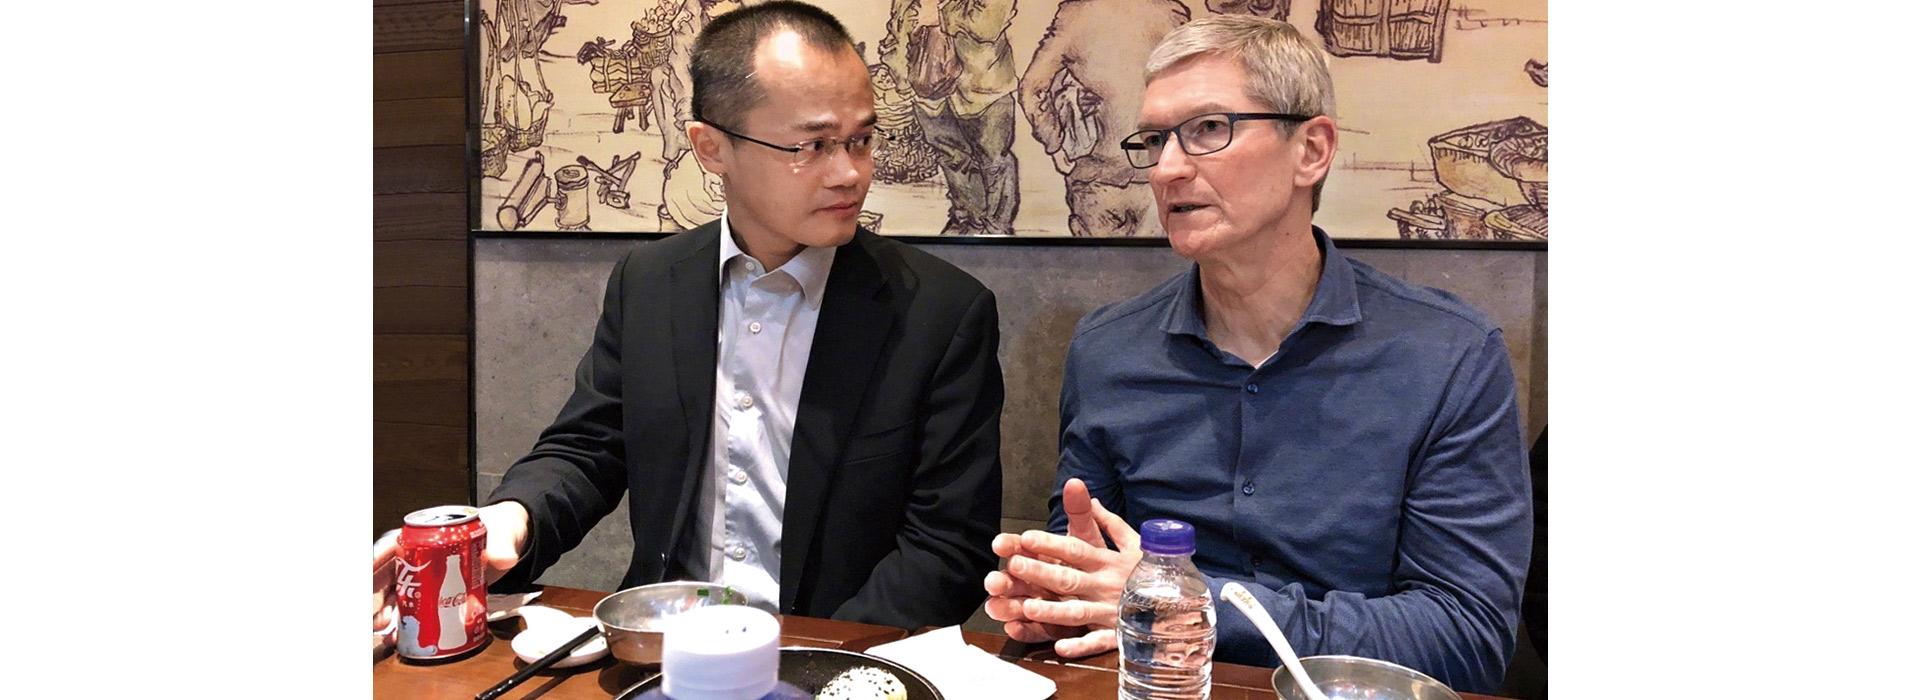 美团打造全球最大餐饮外卖平台,王兴39岁偏执狂